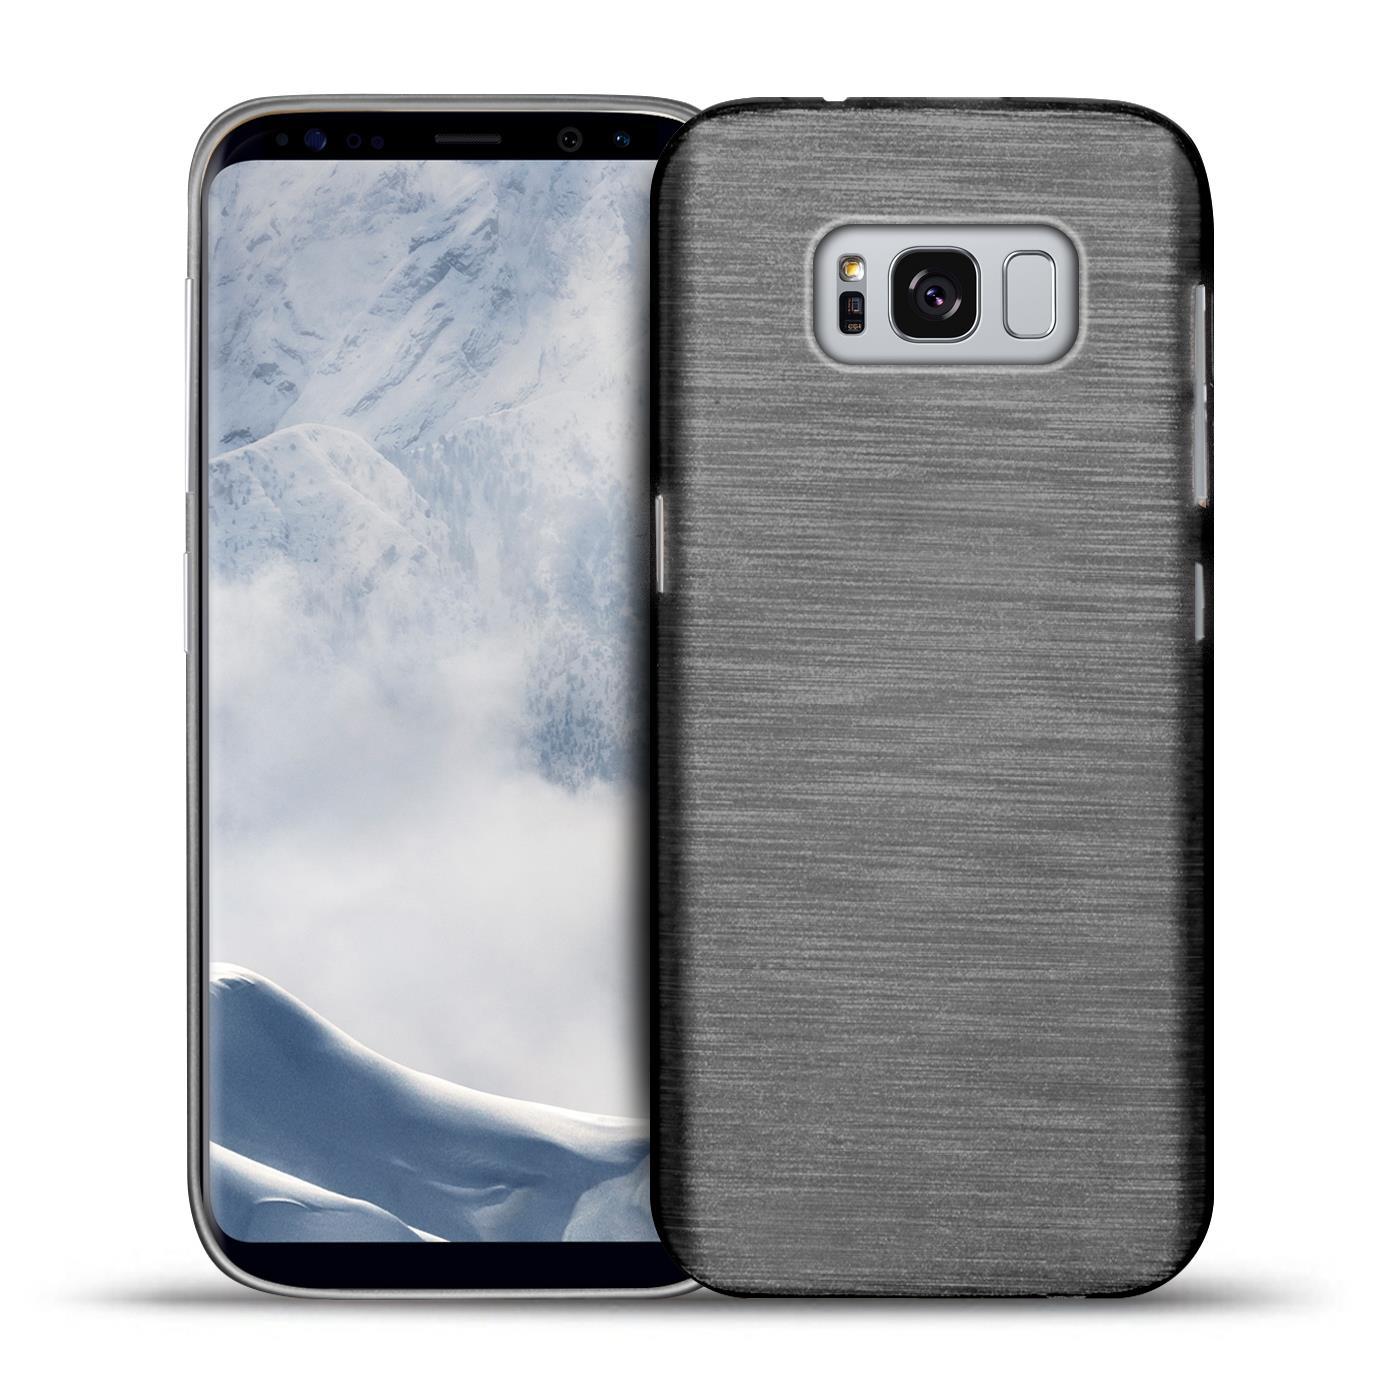 Schutz Hülle Für Samsung Galaxy S8 Plus Silikon Case Handy Tasche